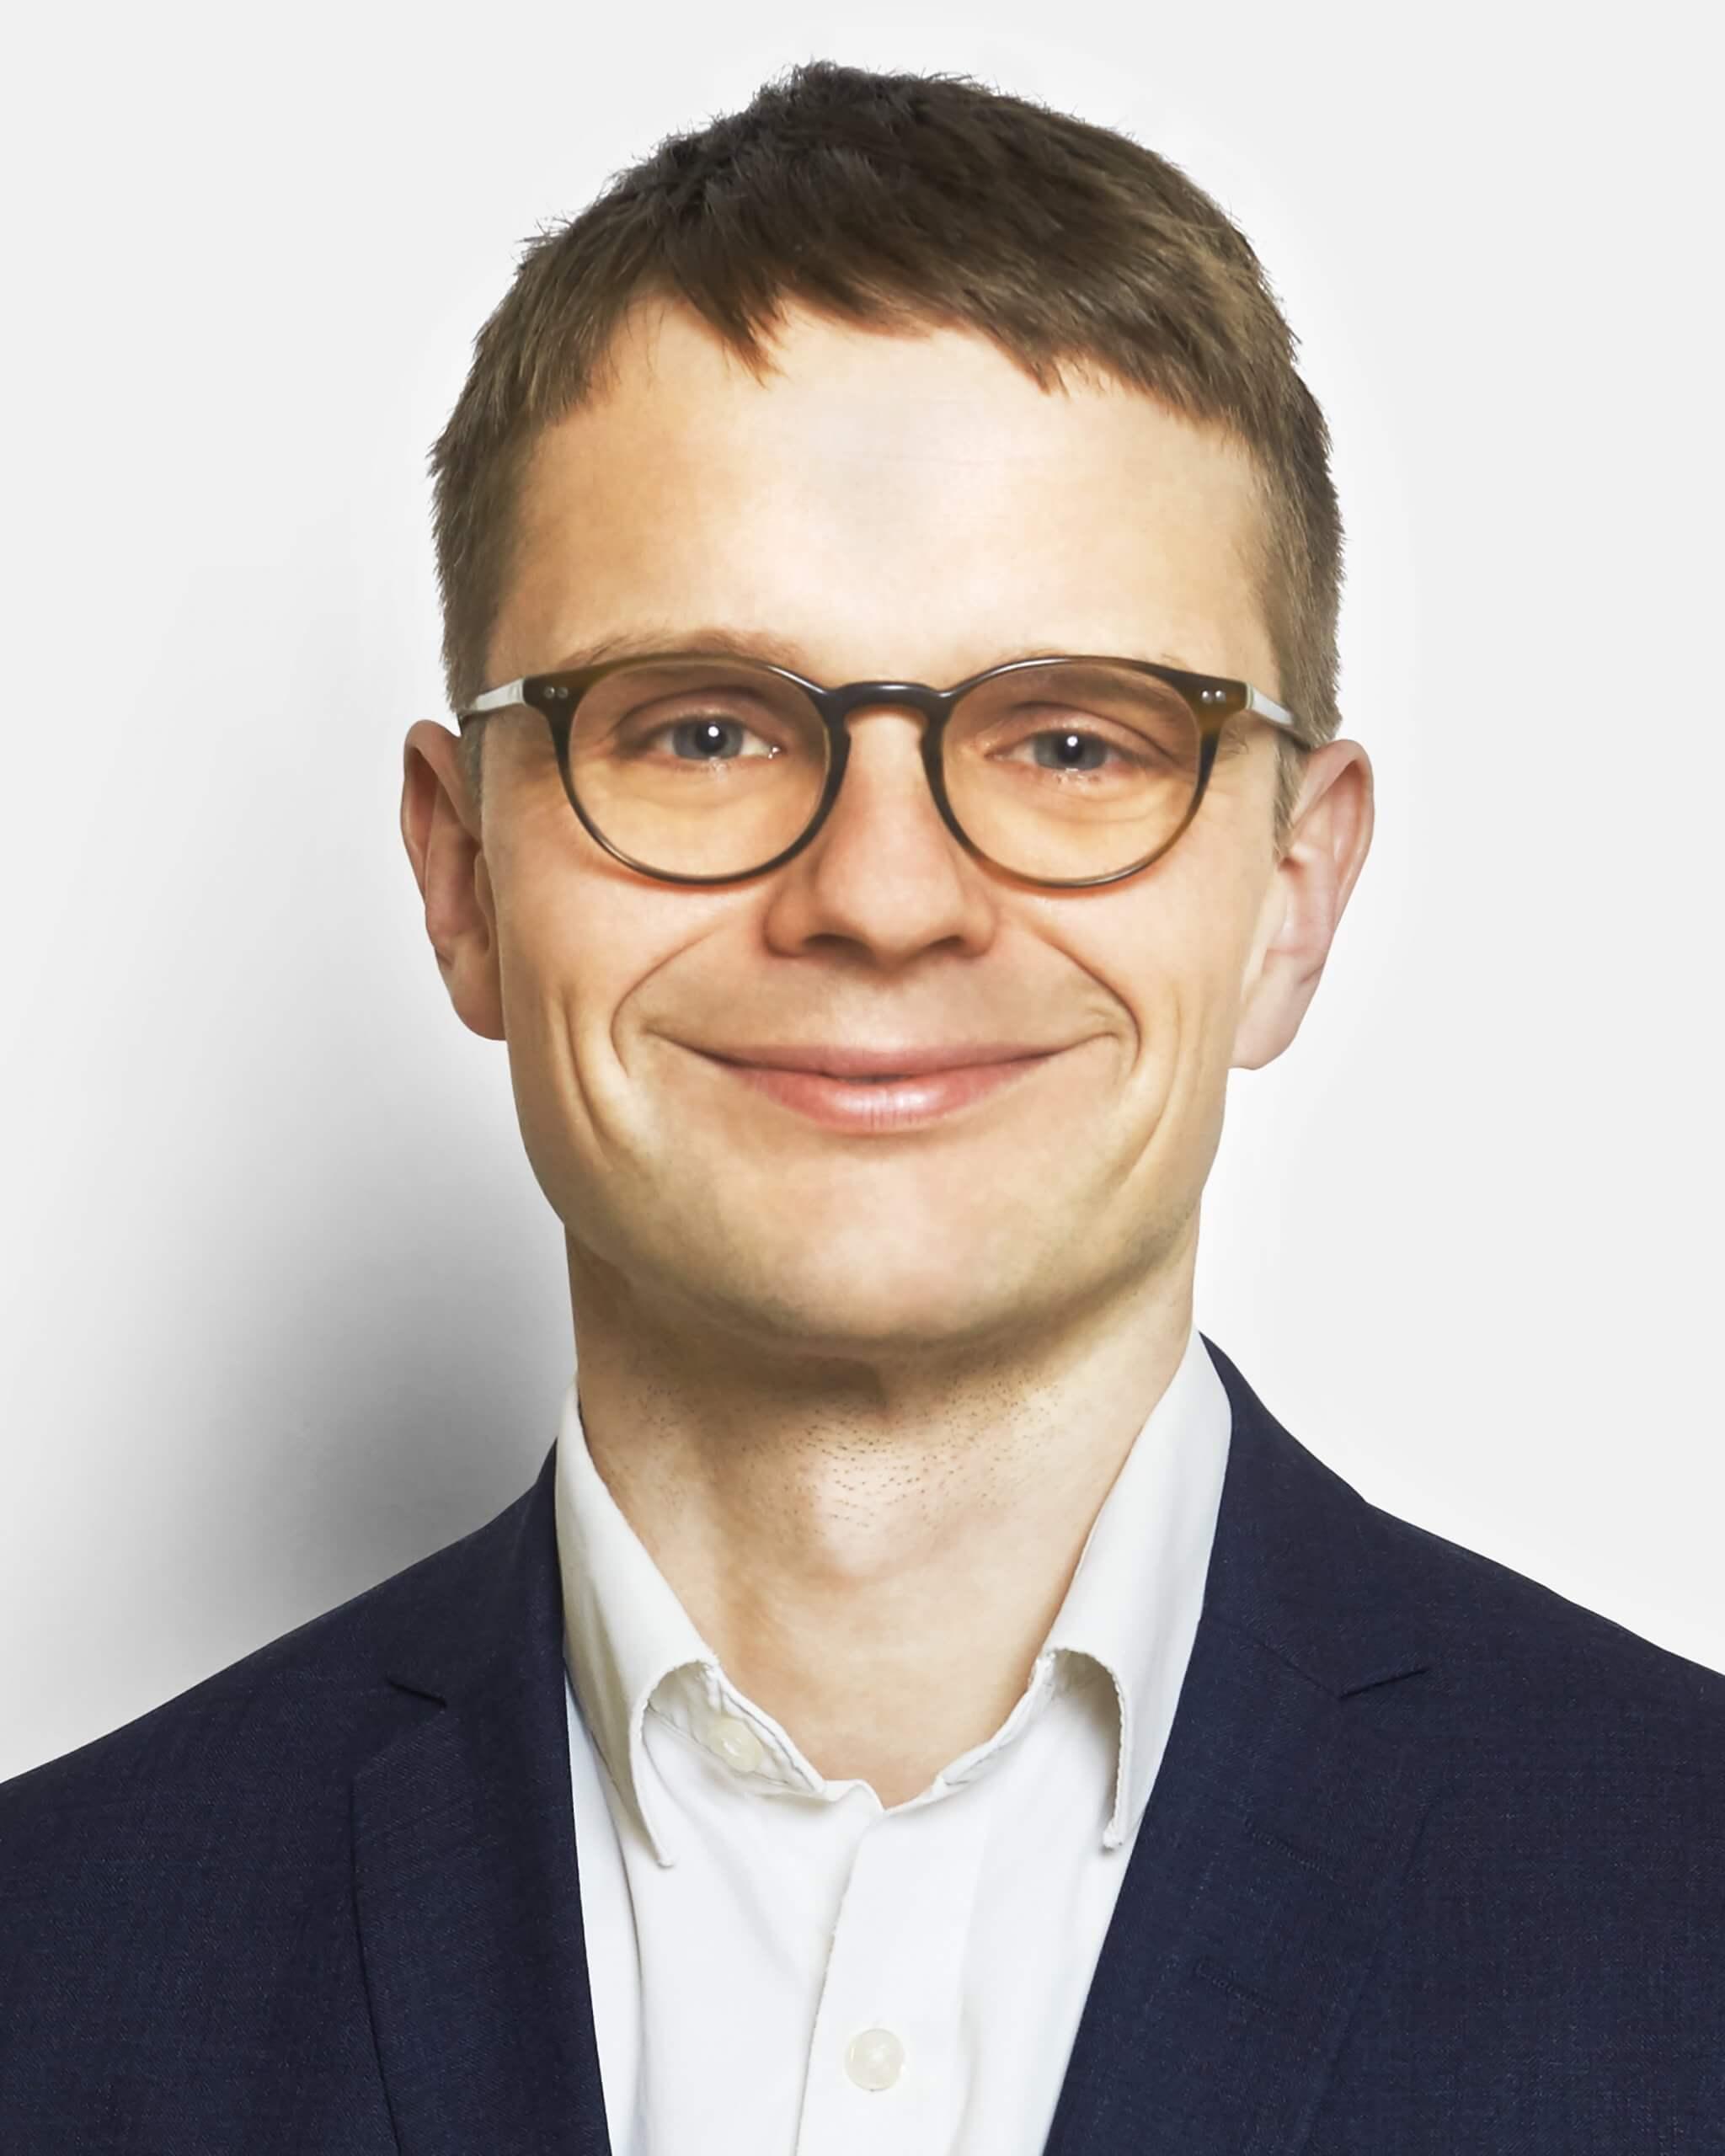 Morten Friehling